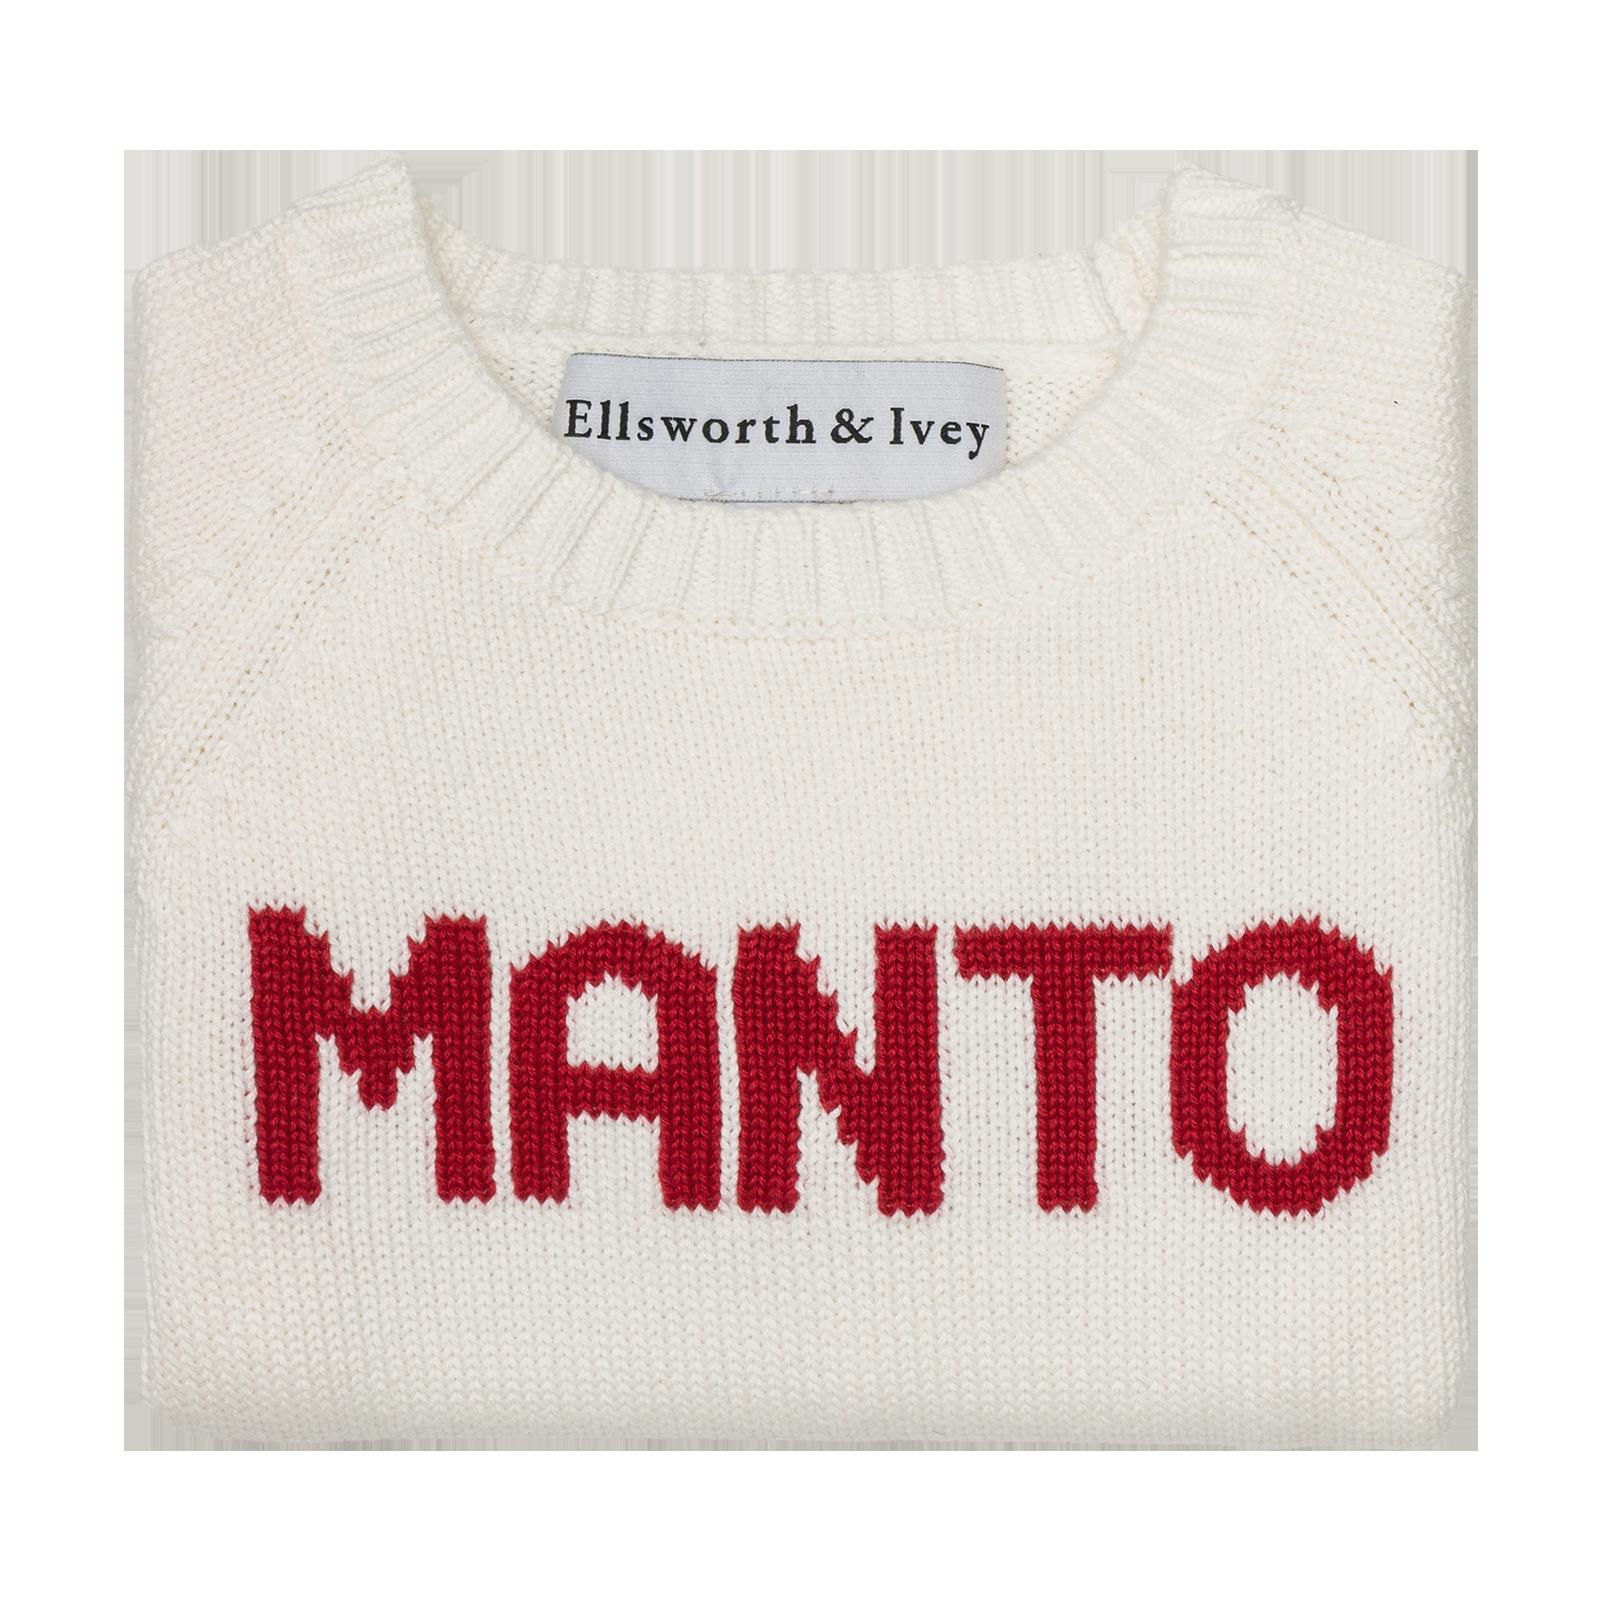 Folded sweater product image